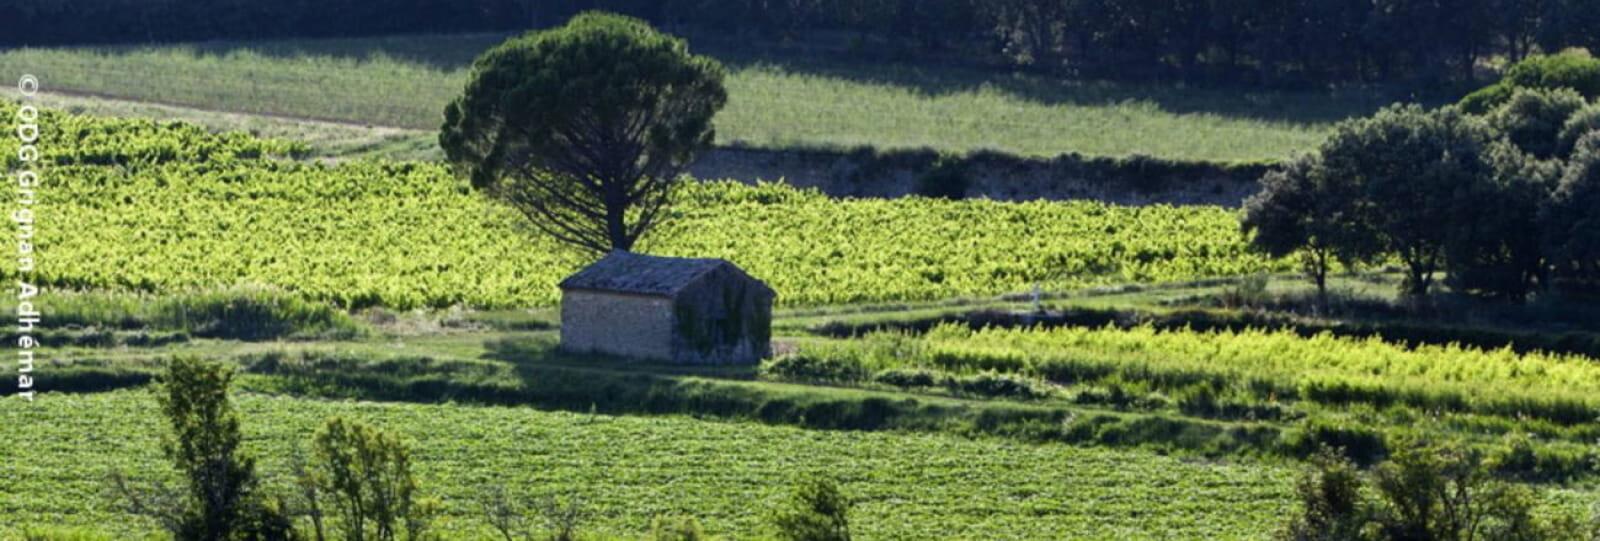 1 Des vignes et des cabanons